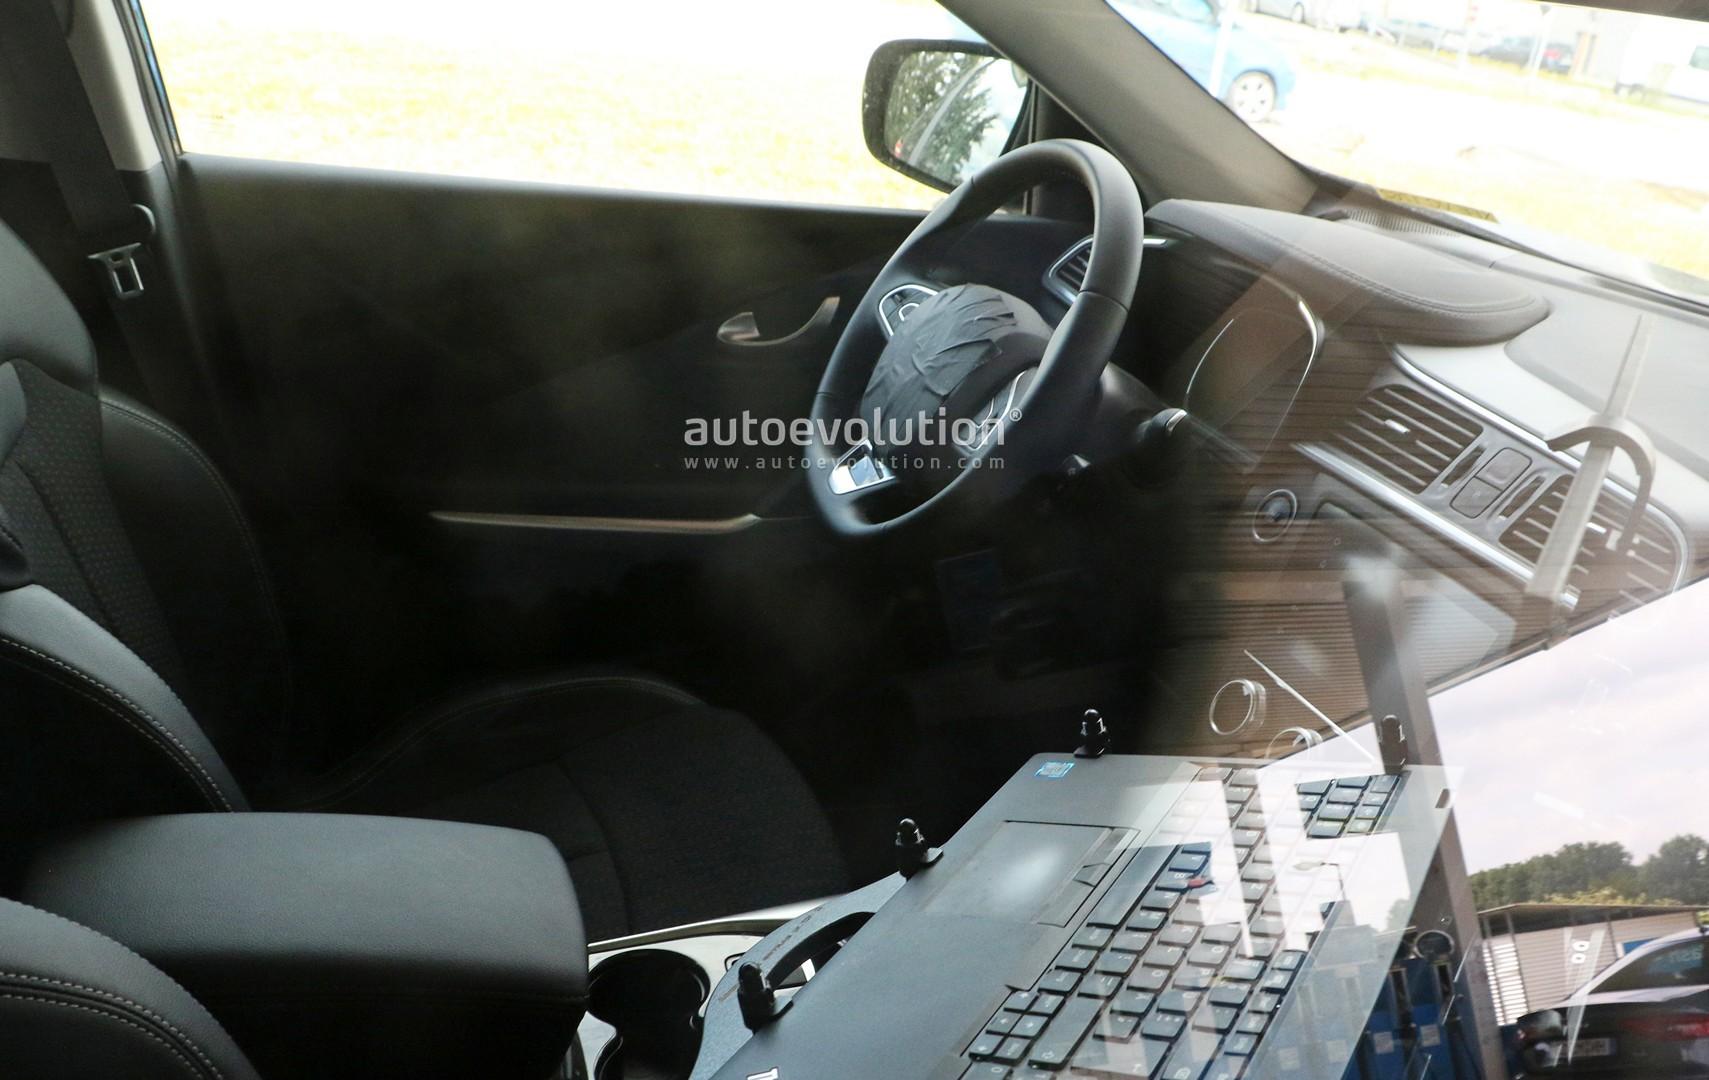 2019 renault kadjar shows updated interior in latest for Interior renault kadjar